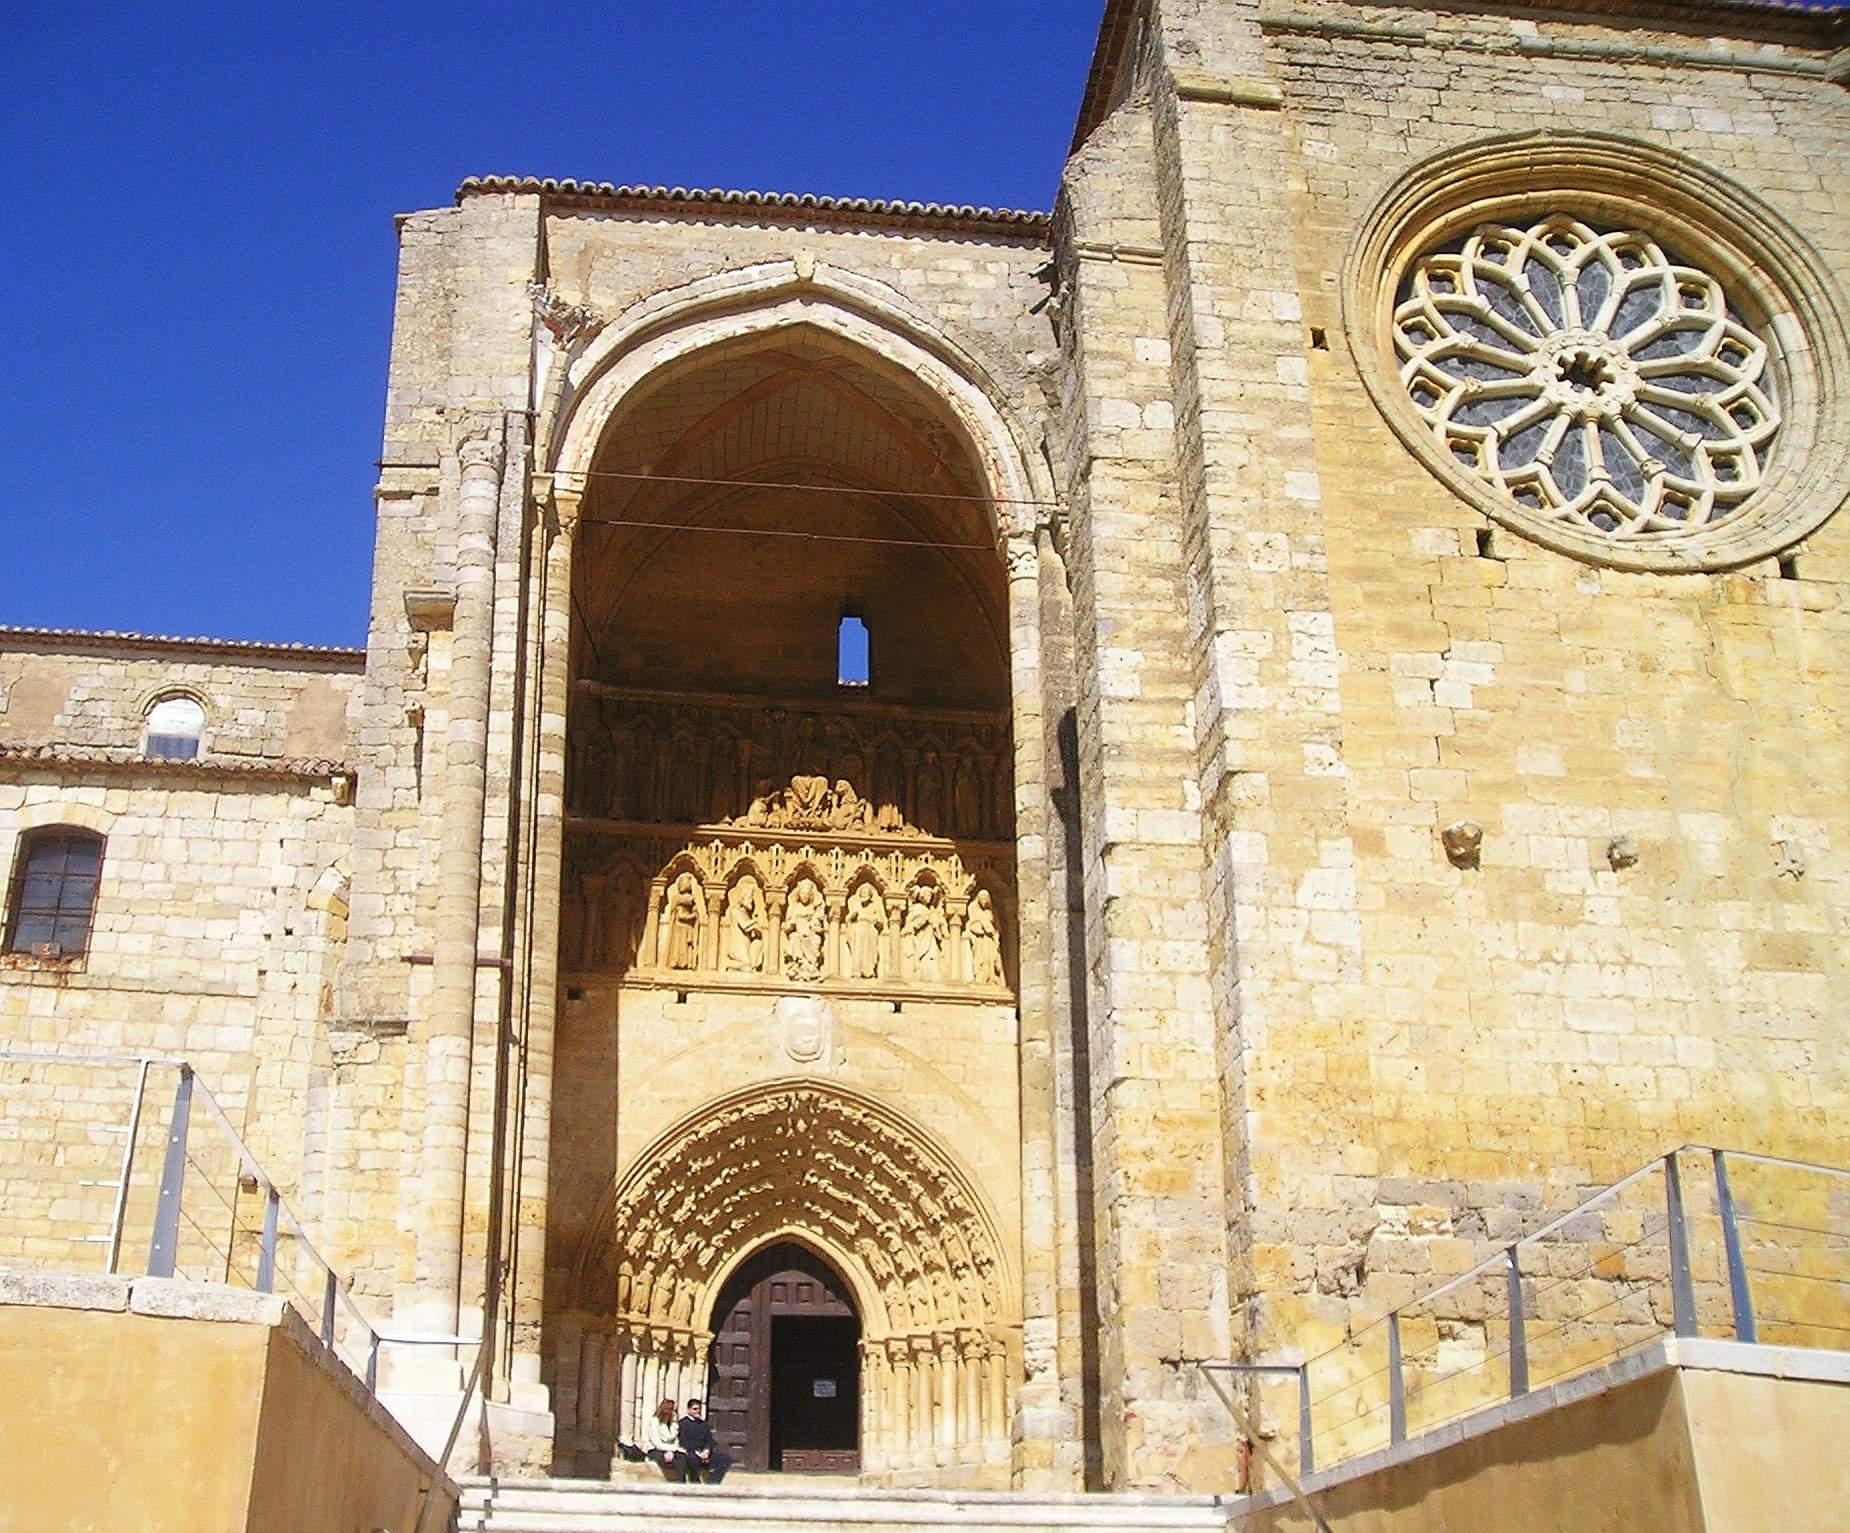 Iglesia de Santa María la Blanca (Villalcázar de Sirga) - Wikipedia, la encic...